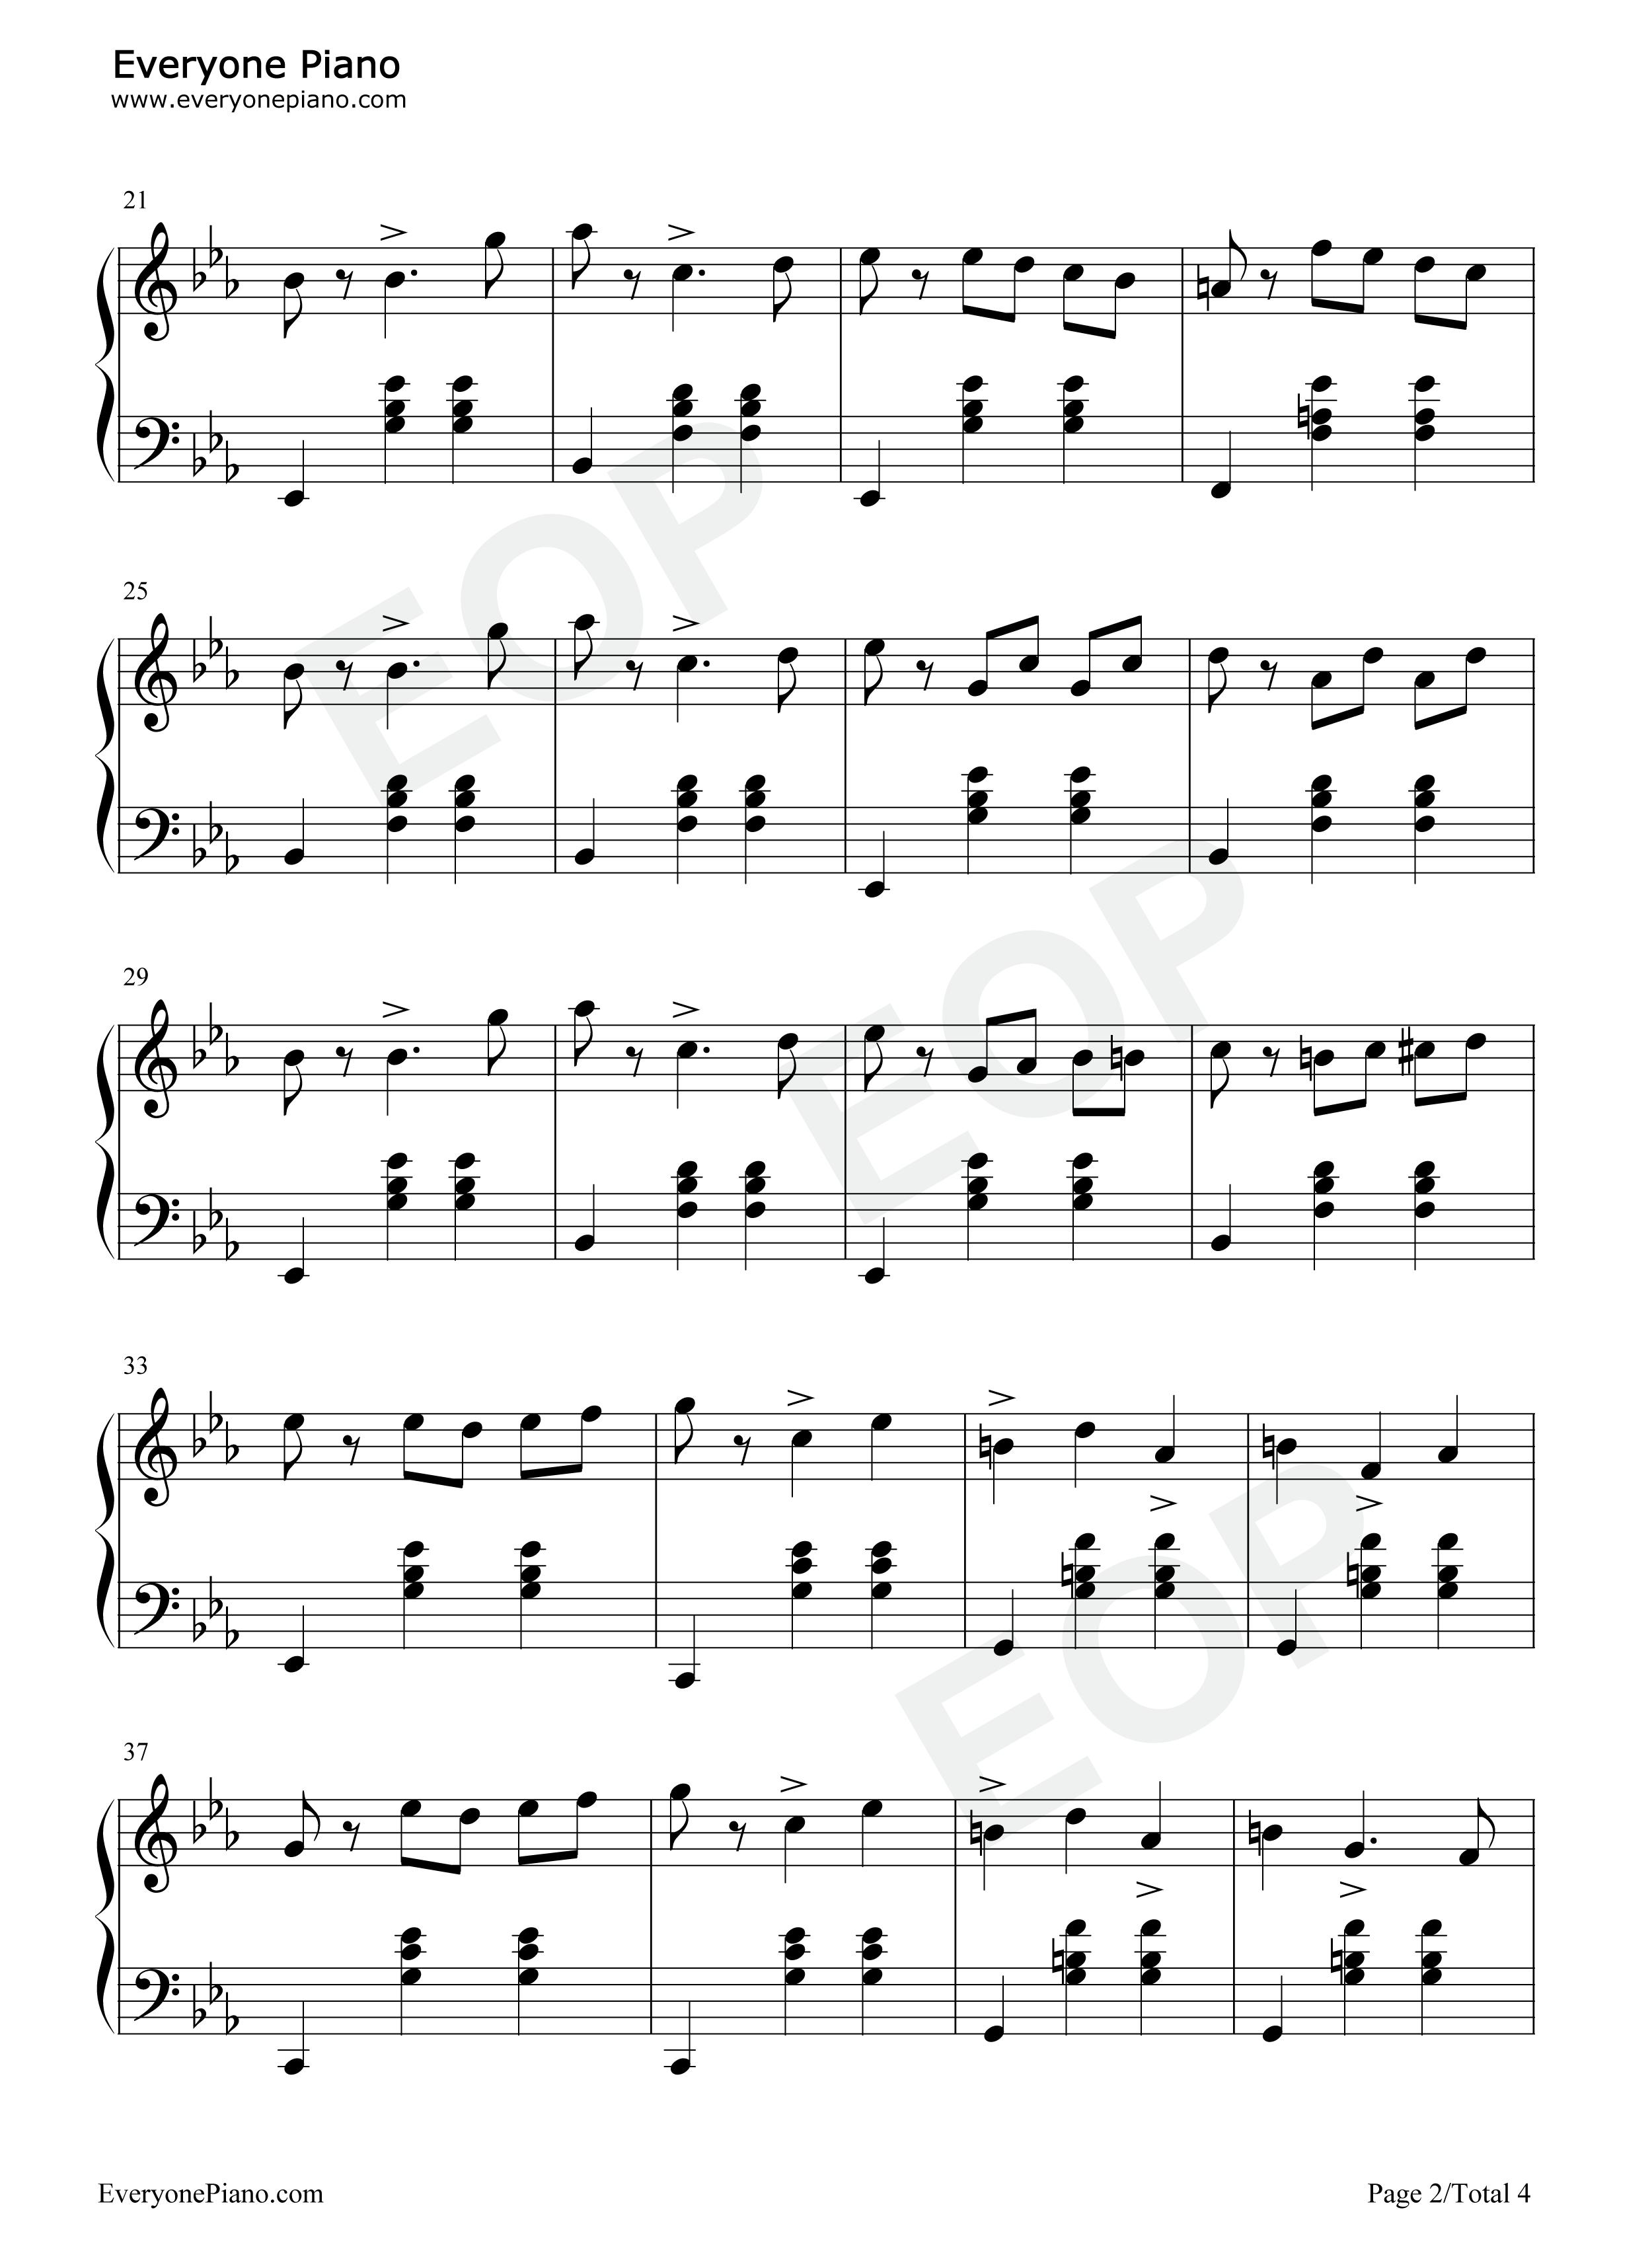 钢琴曲谱 练习曲 降e大调圆舞曲-柴可夫斯基 降e大调圆舞曲-柴可夫